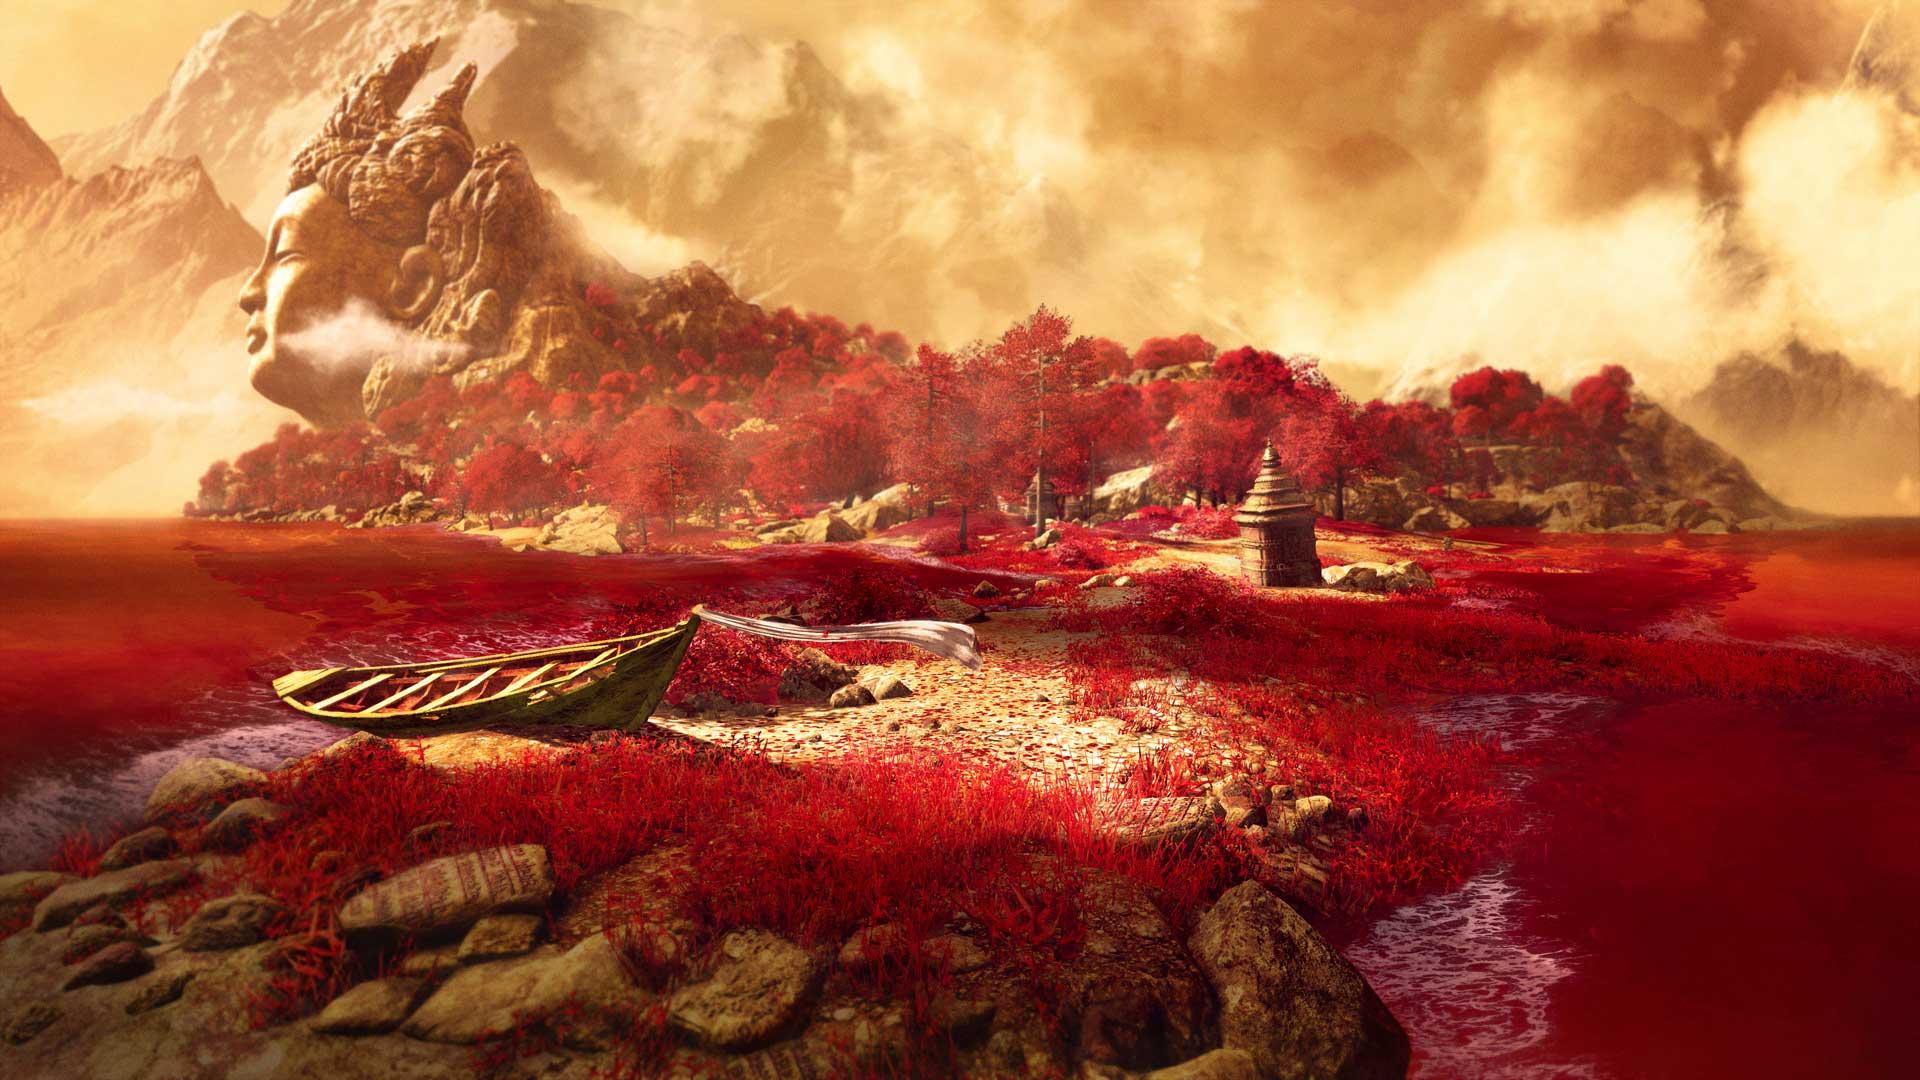 De far cry 4 todos os trailers cenas artes e imagens de far cry 4